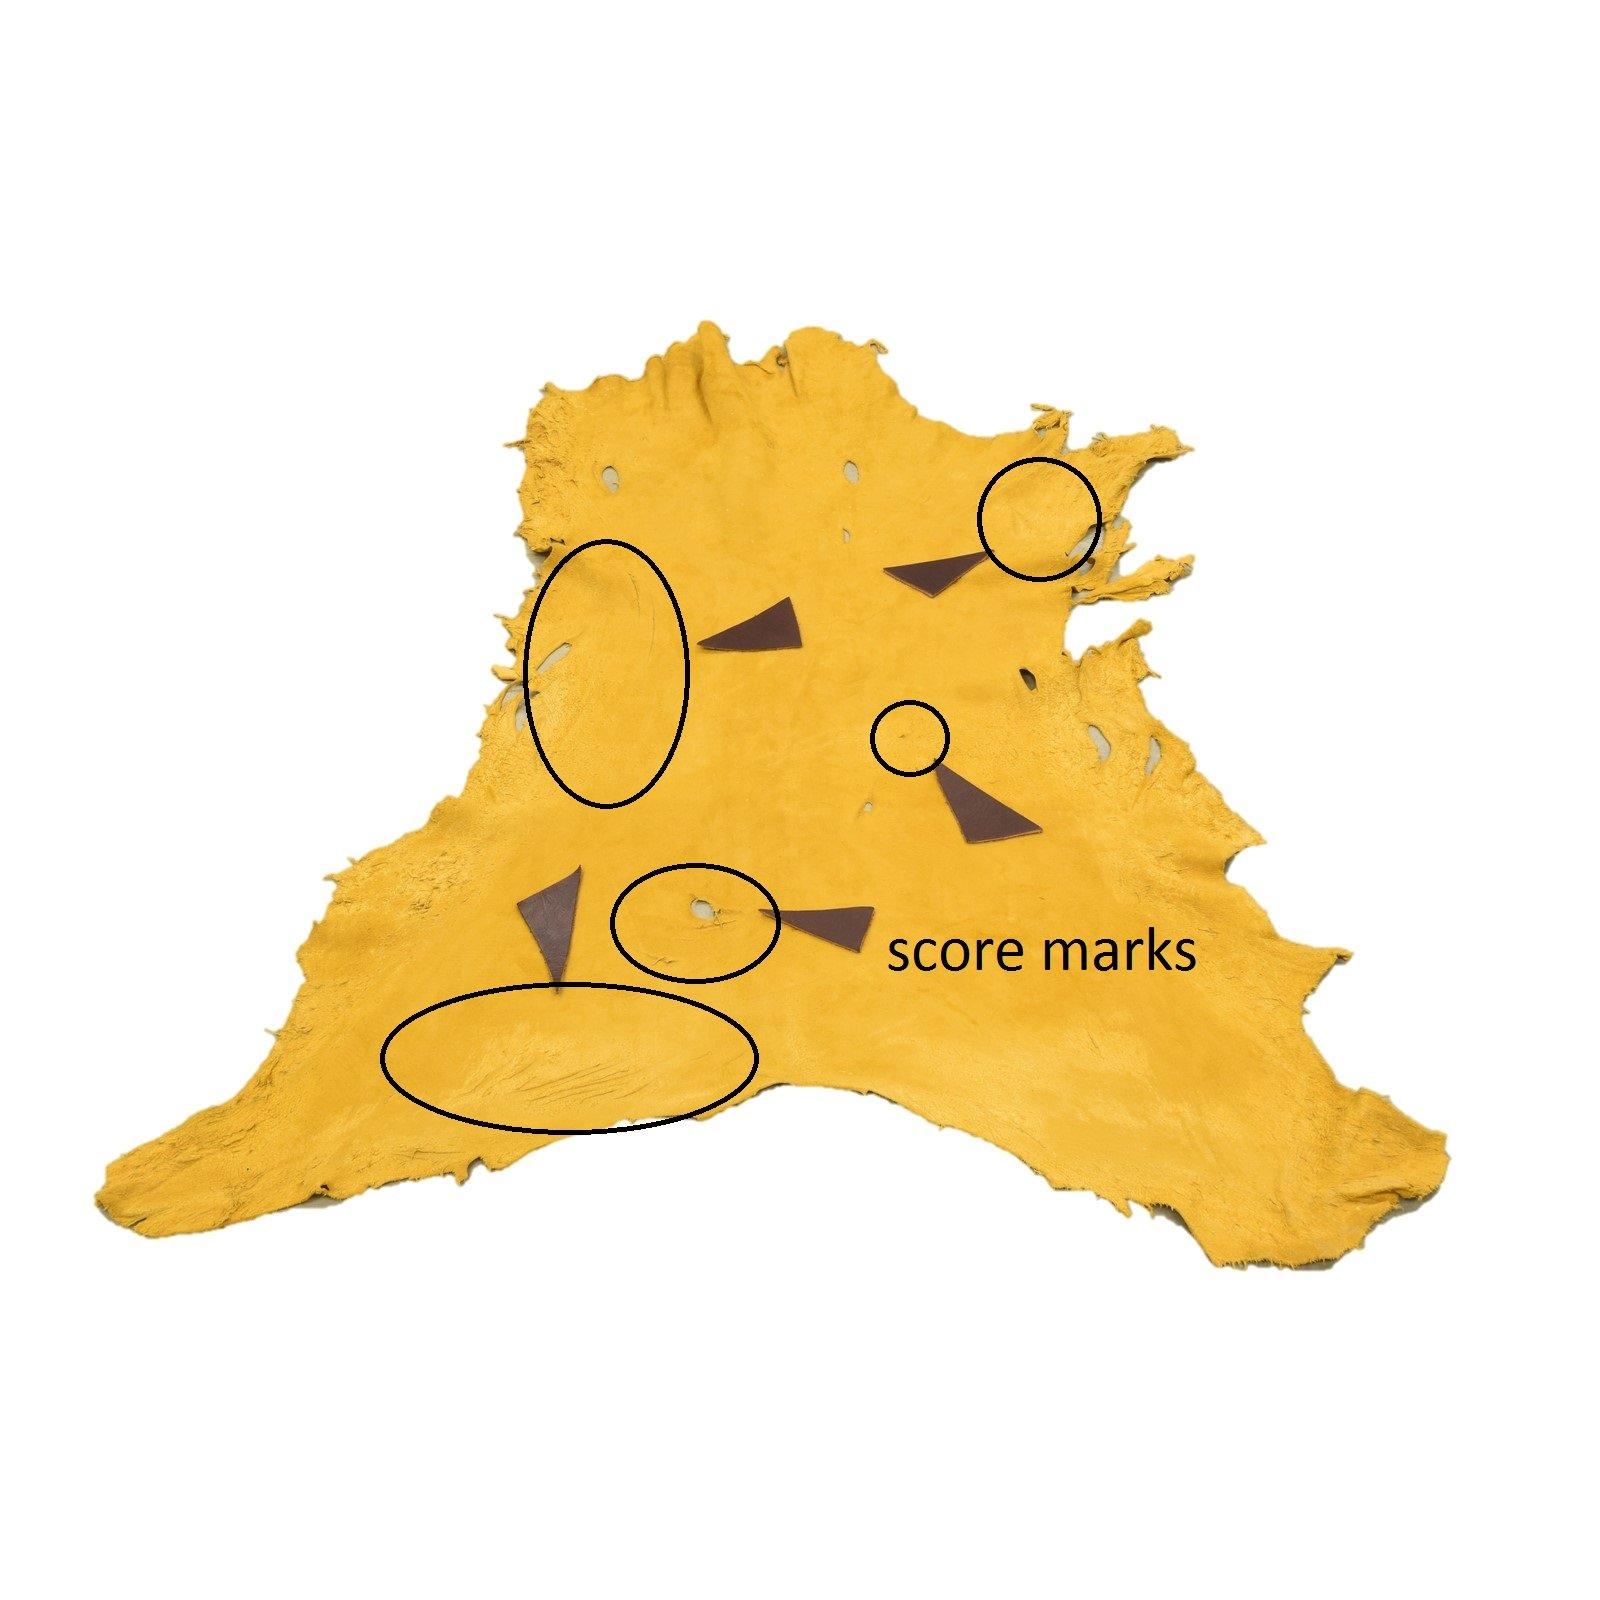 Gold Deerskin #73 Gold Buckskin leather hide Soft deerskin leather jewelry making leather craft supplies